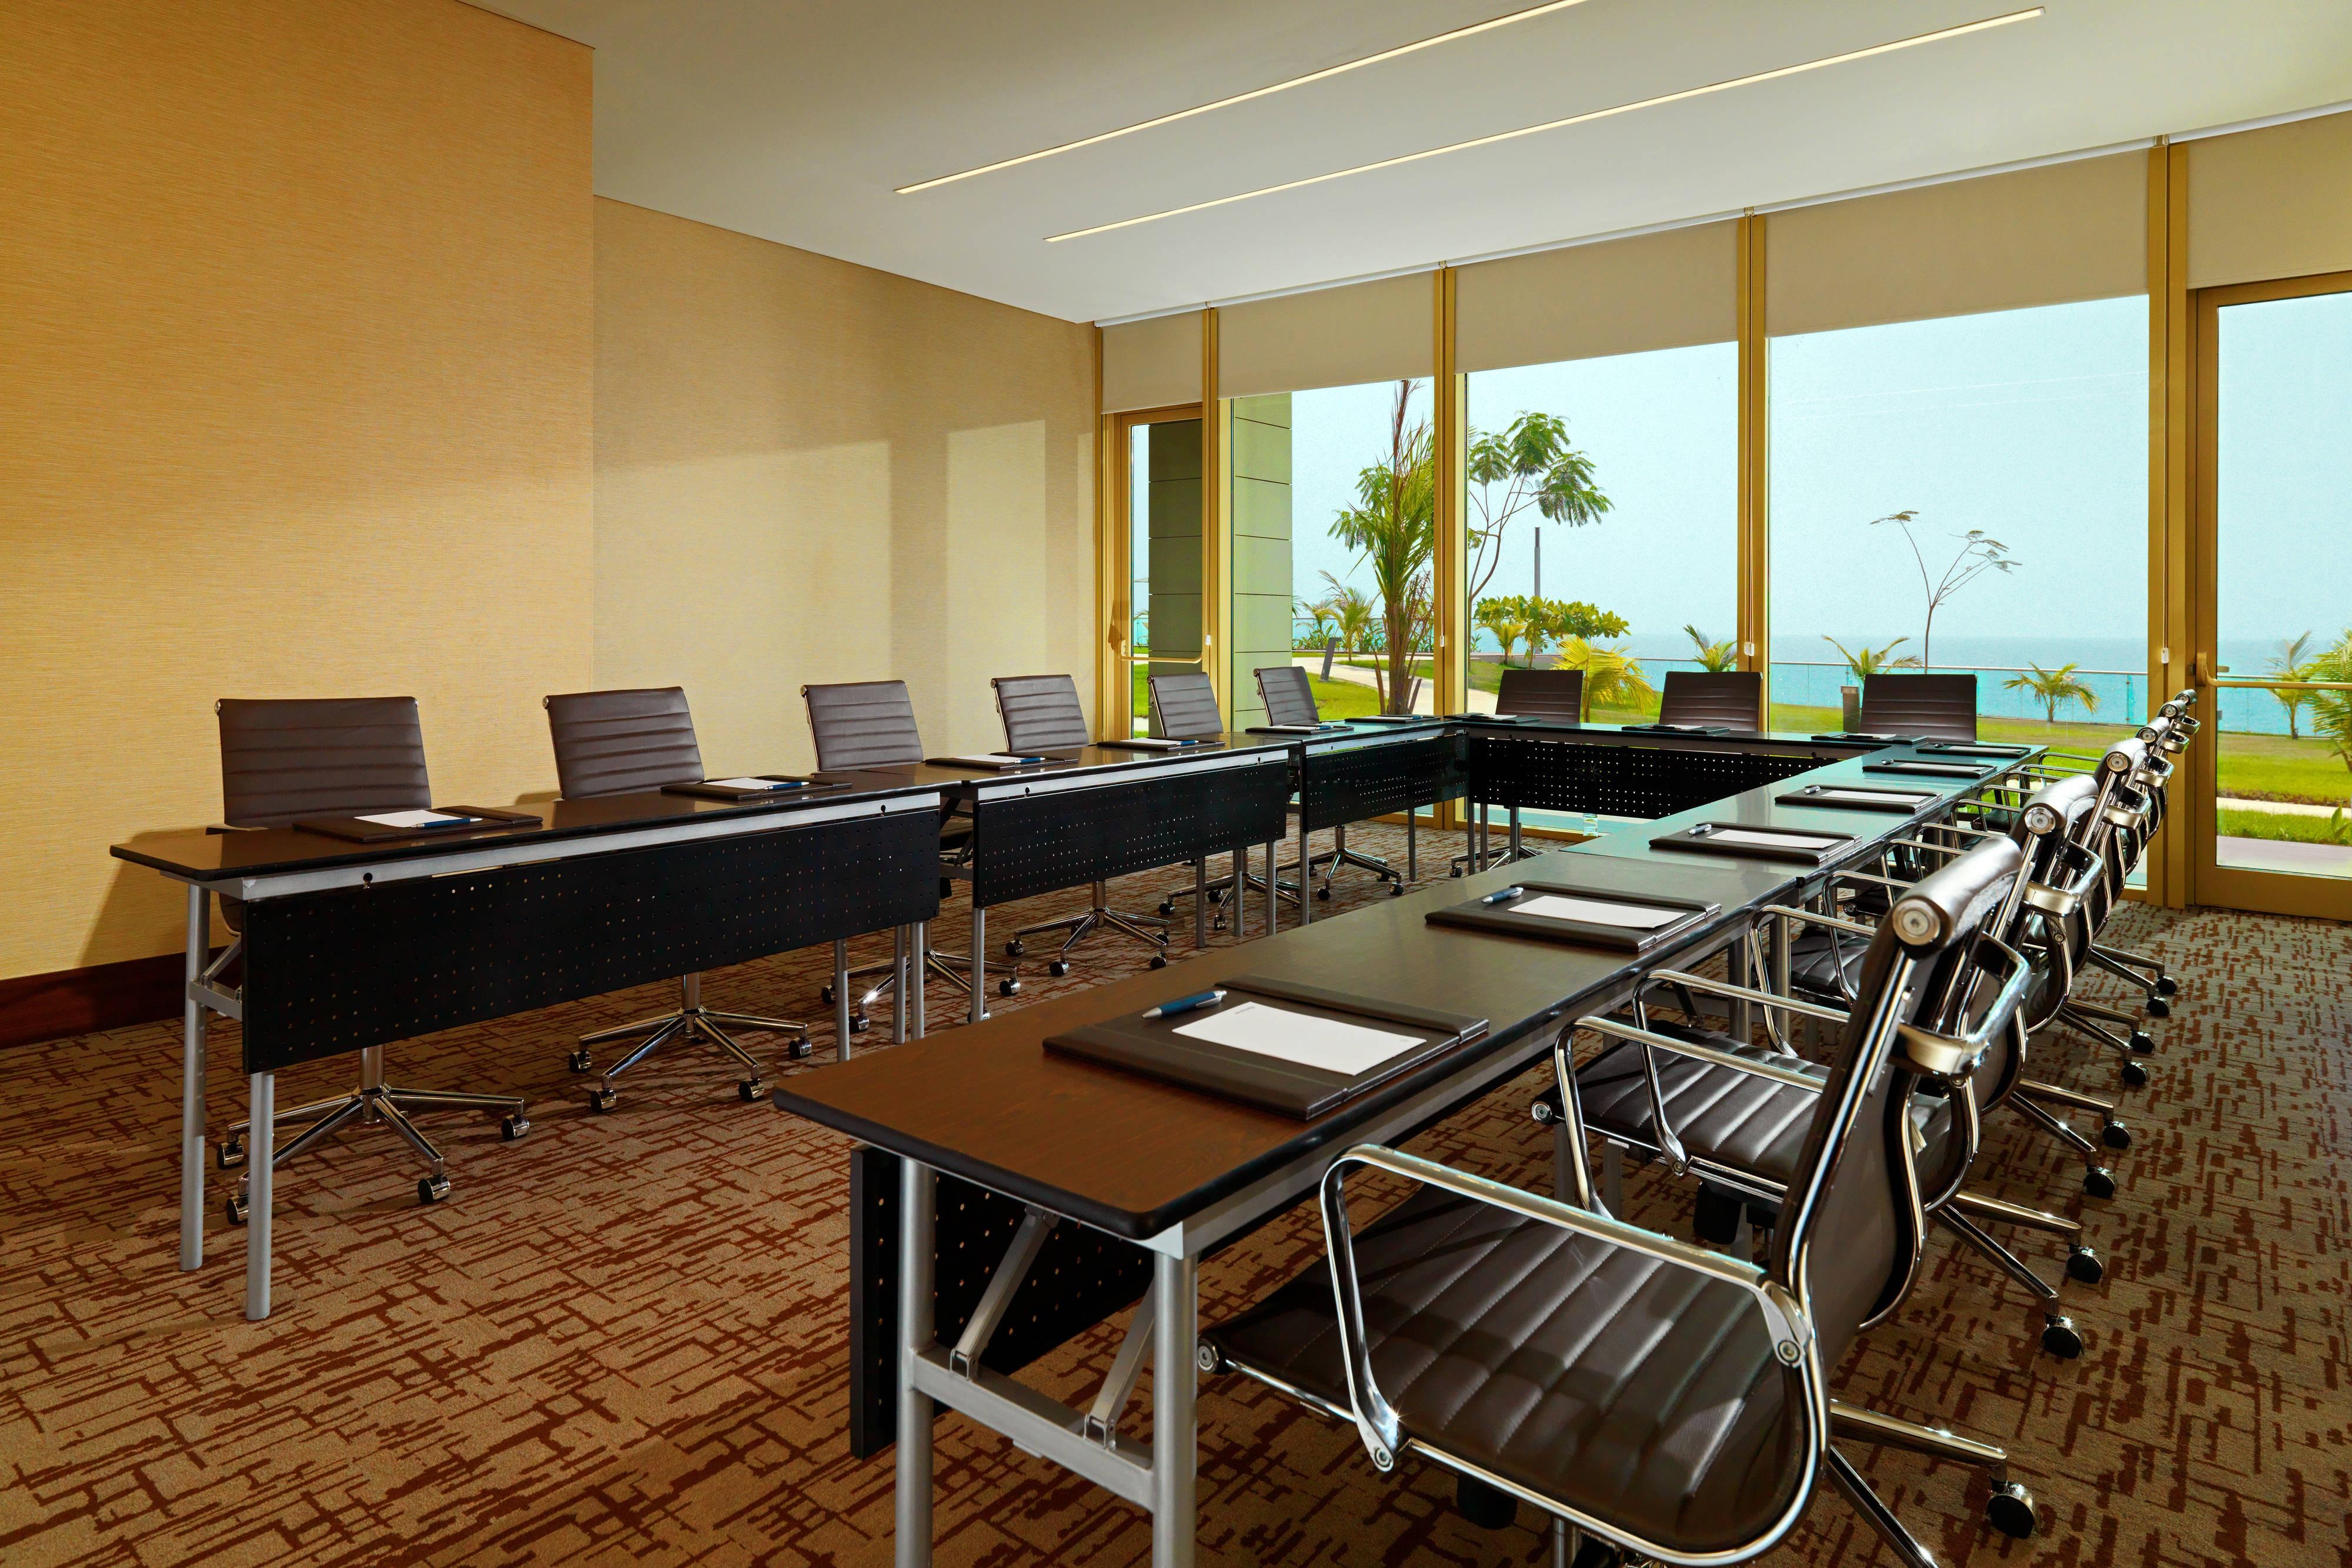 Meeting Room U-Shape Style